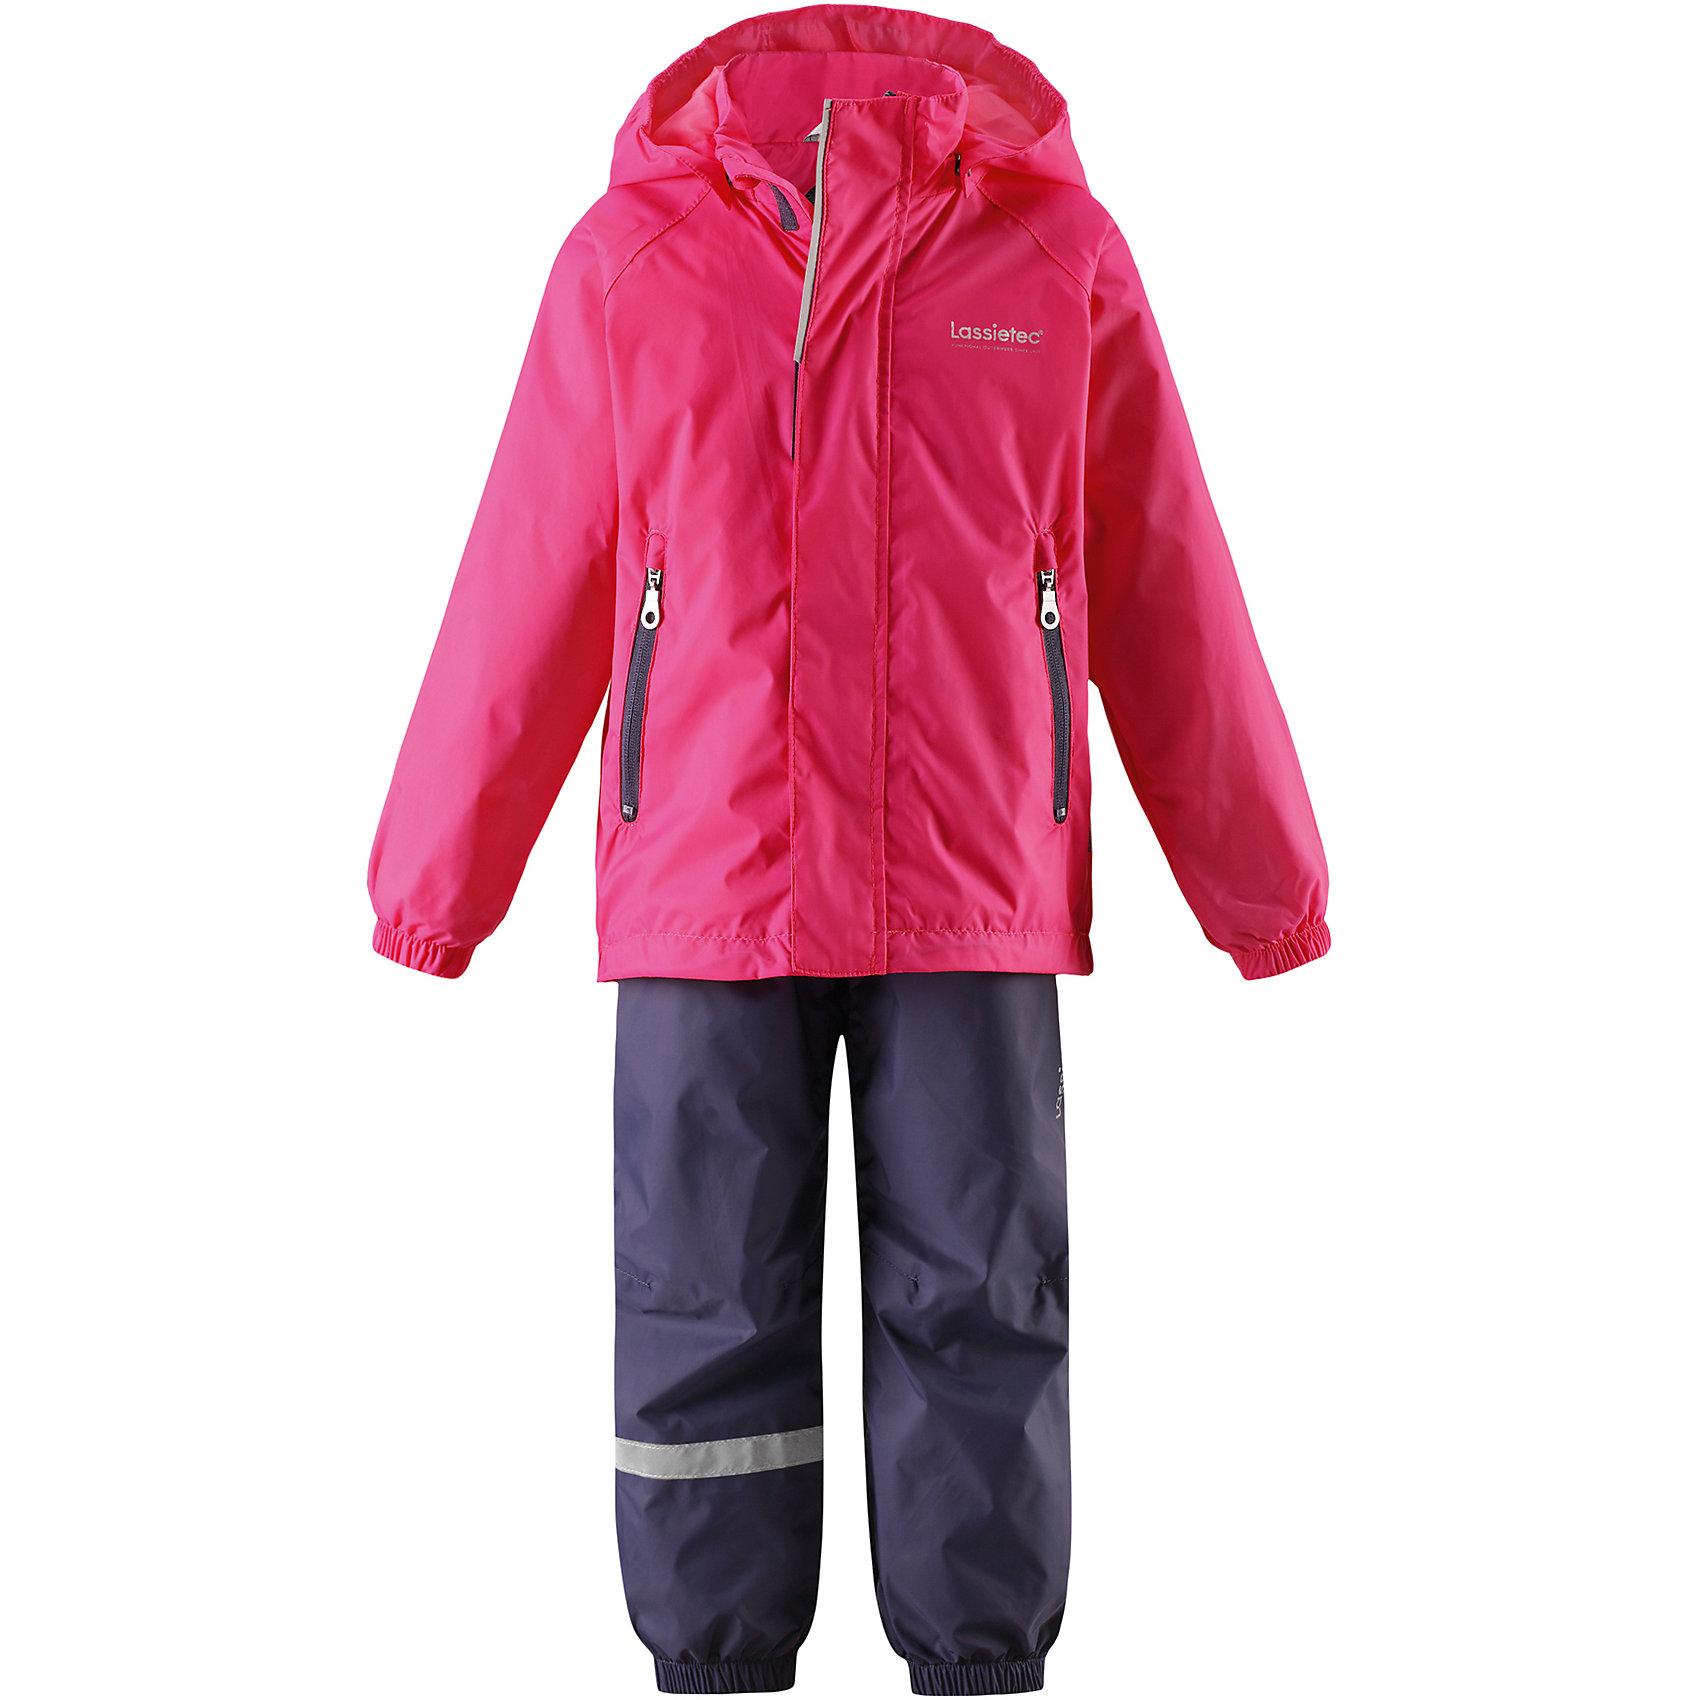 Комплект LASSIEОдежда<br>Характеристики товара:<br><br>• цвет: розовый/синий<br>• температурный режим: от +20°до +10°С<br>• состав: 100% полиамид, полиуретановое покрытие<br>• материал - Plain weave/Водонепроницаемость5000 мм<br>• сопротивление трению: 10000 циклов (тест Мартиндейла).<br>• комплектация: куртка, штаны<br>• съемные штрипки в размерах от 104 до 128 см<br>• водоотталкивающий, ветронепроницаемый и «дышащий» материал<br>• подкладка: mesh-сетка <br>• съемный капюшон<br>• карманы на молнии<br>• регулируемый подол <br>• эластичные манжеты и штанины<br>• эластичный обхват талии<br>• комфортная посадка<br>• без утеплителя<br>• страна производства: Китай<br>• страна бренда: Финляндия<br>• коллекция: весна-лето 2017<br><br>Демисезонный комплект из куртки и штанов поможет обеспечить ребенку комфорт и тепло. Предметы отлично смотрятся с различной одеждой. Комплект удобно сидит и модно выглядит. Материал - водоотталкивающий, ветронепроницаемый и «дышащий». Продуманный крой разрабатывался специально для детей.<br><br>Обувь и одежда от финского бренда LASSIE пользуются популярностью во многих странах. Они стильные, качественные и удобные. Для производства продукции используются только безопасные, проверенные материалы и фурнитура. Порадуйте ребенка модными и красивыми вещами от Lassie®! <br><br>Комплект от финского бренда LASSIE можно купить в нашем интернет-магазине.<br><br>Ширина мм: 190<br>Глубина мм: 74<br>Высота мм: 229<br>Вес г: 236<br>Цвет: розовый<br>Возраст от месяцев: 132<br>Возраст до месяцев: 144<br>Пол: Женский<br>Возраст: Детский<br>Размер: 134,140,110,116,104,98,122,92,128<br>SKU: 5264355